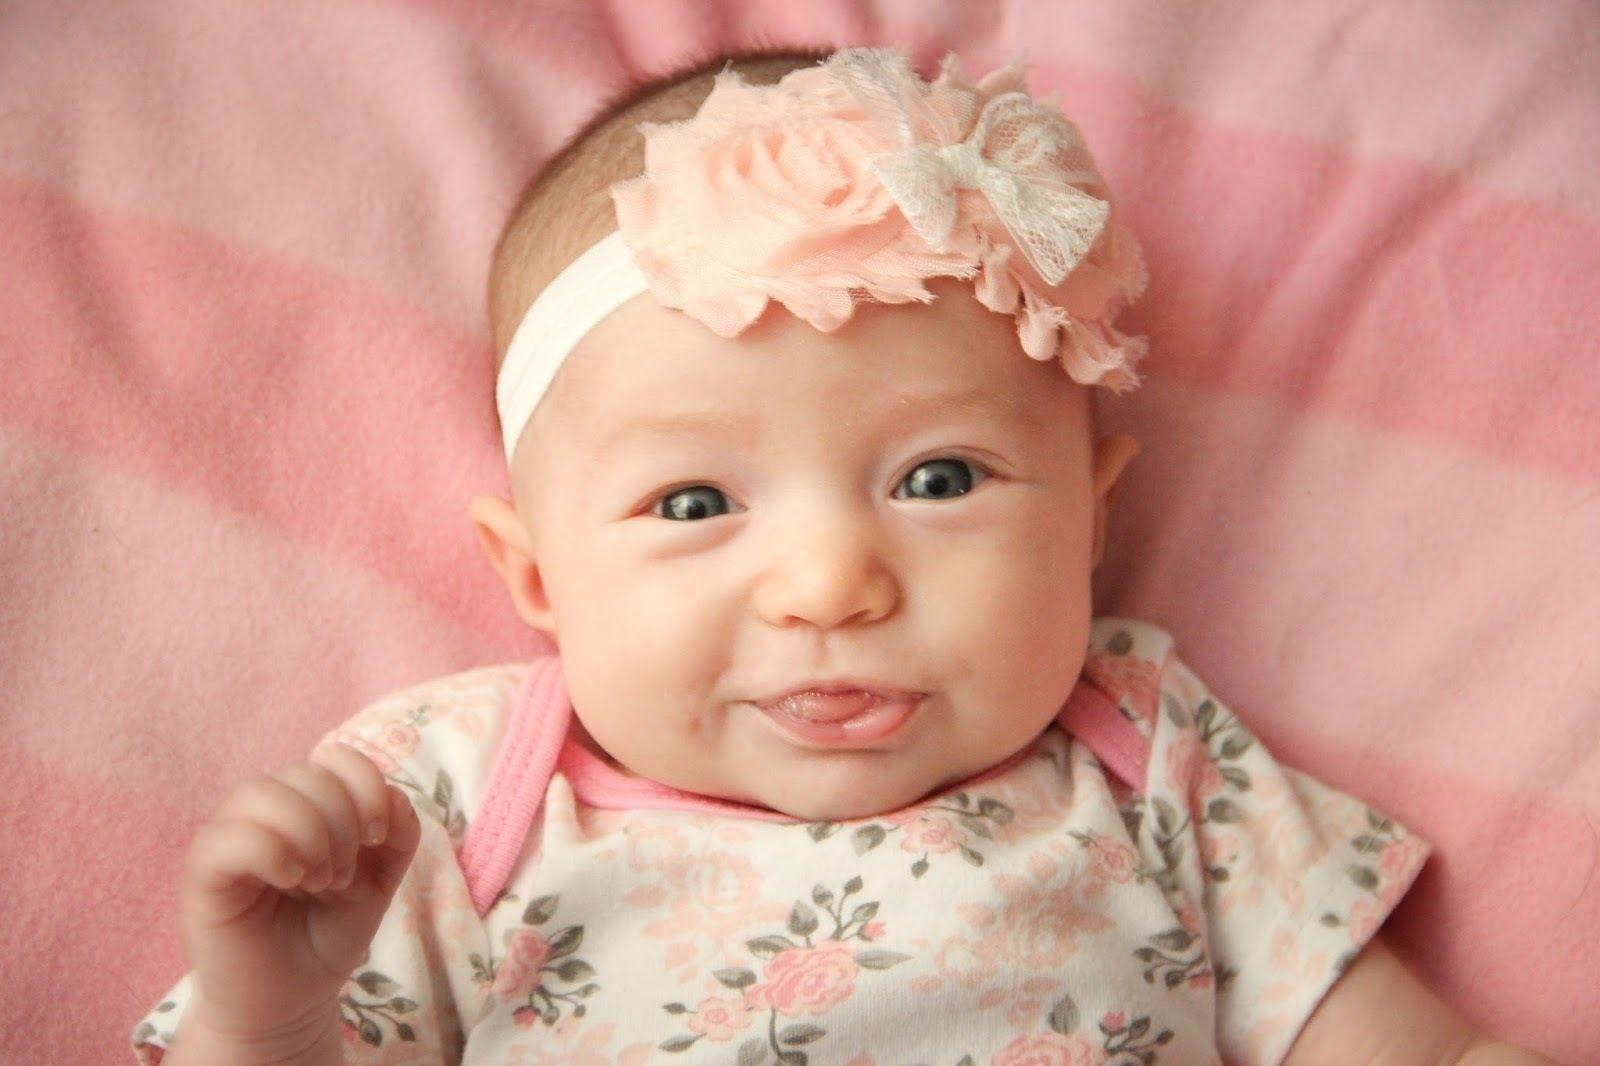 Fotos de bebes mas lindos 10